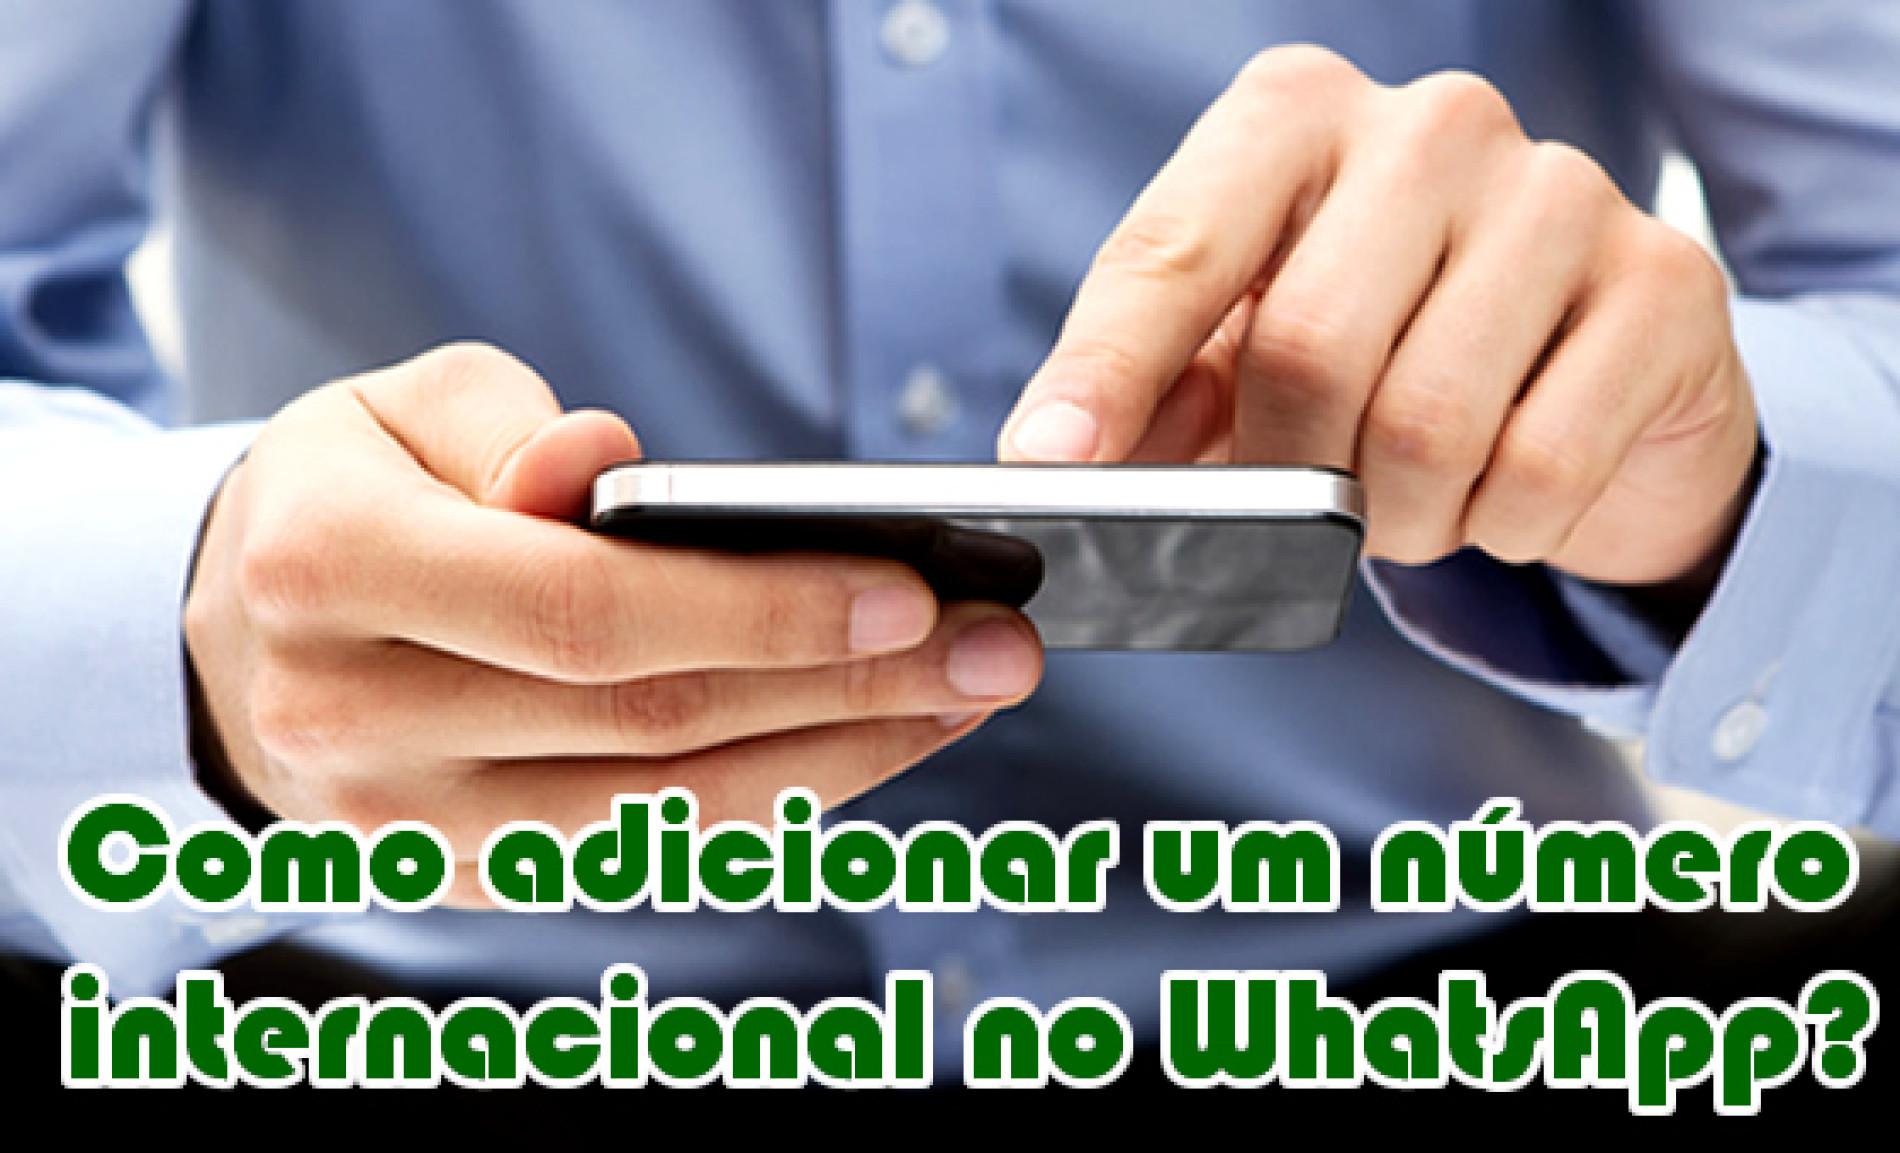 Como adicionar um número internacional no WhatsApp?